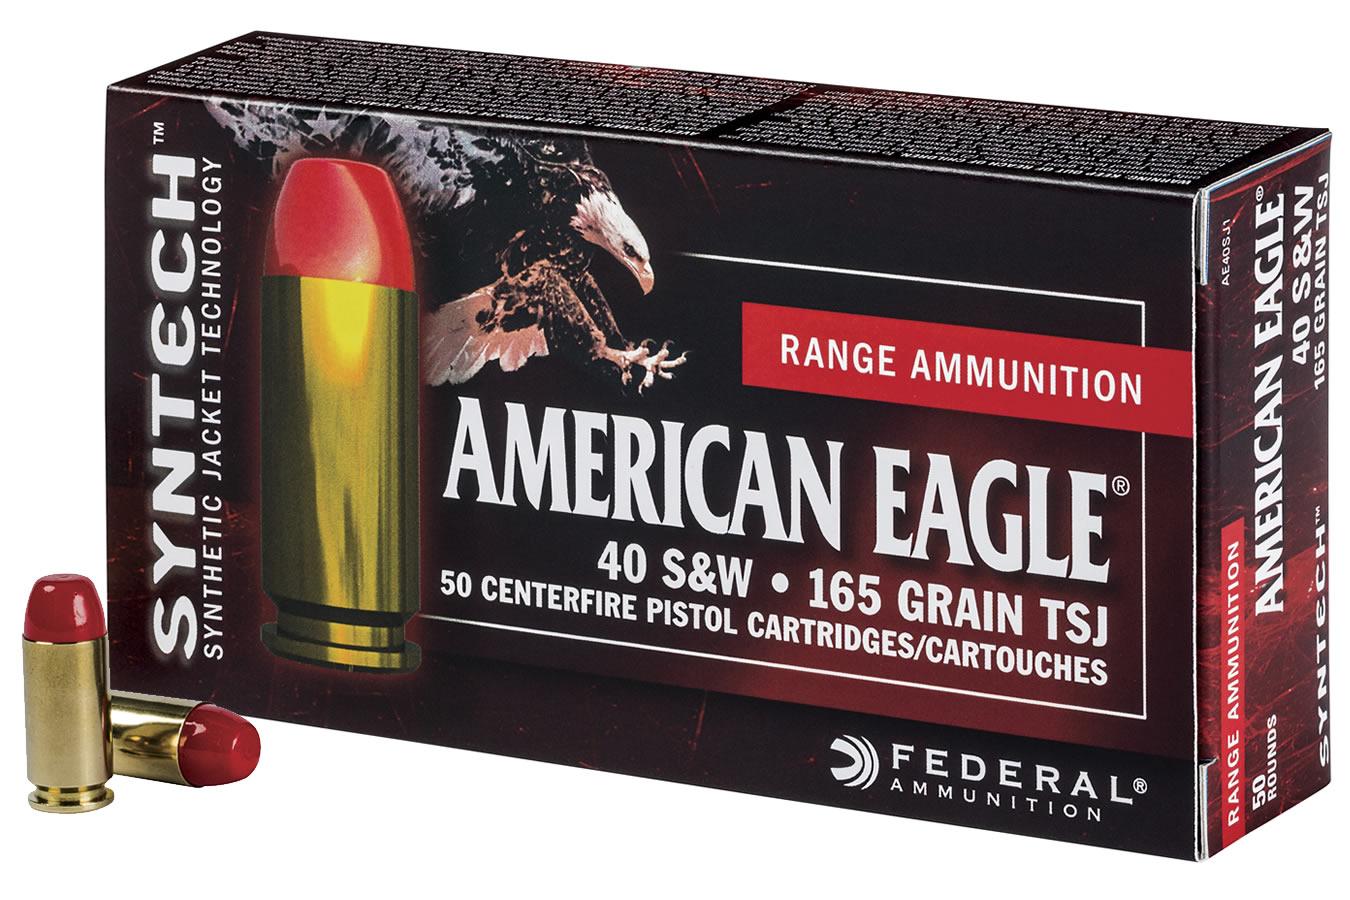 Boite de 50 cartouches Federal American Eagle 40 S&W 165 grains TSJ